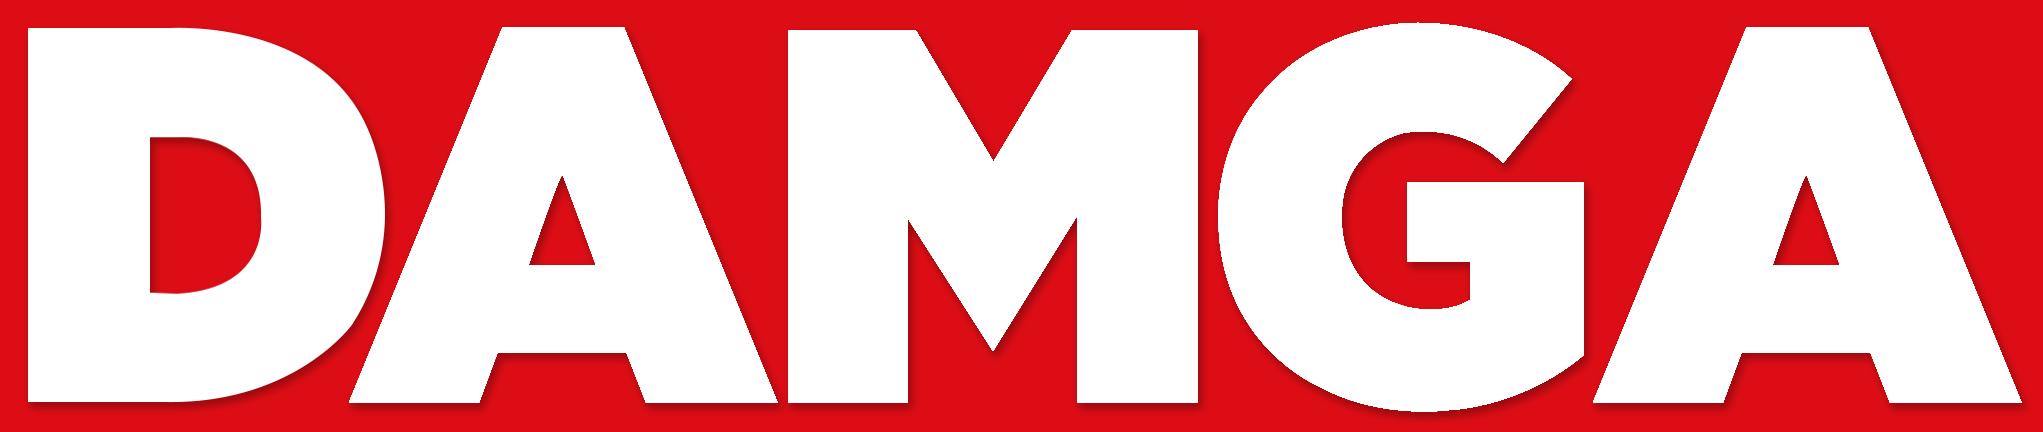 Celal Bilgen - DAMGA Gazetesi | Haber, son dakika haberler, güncel haberler